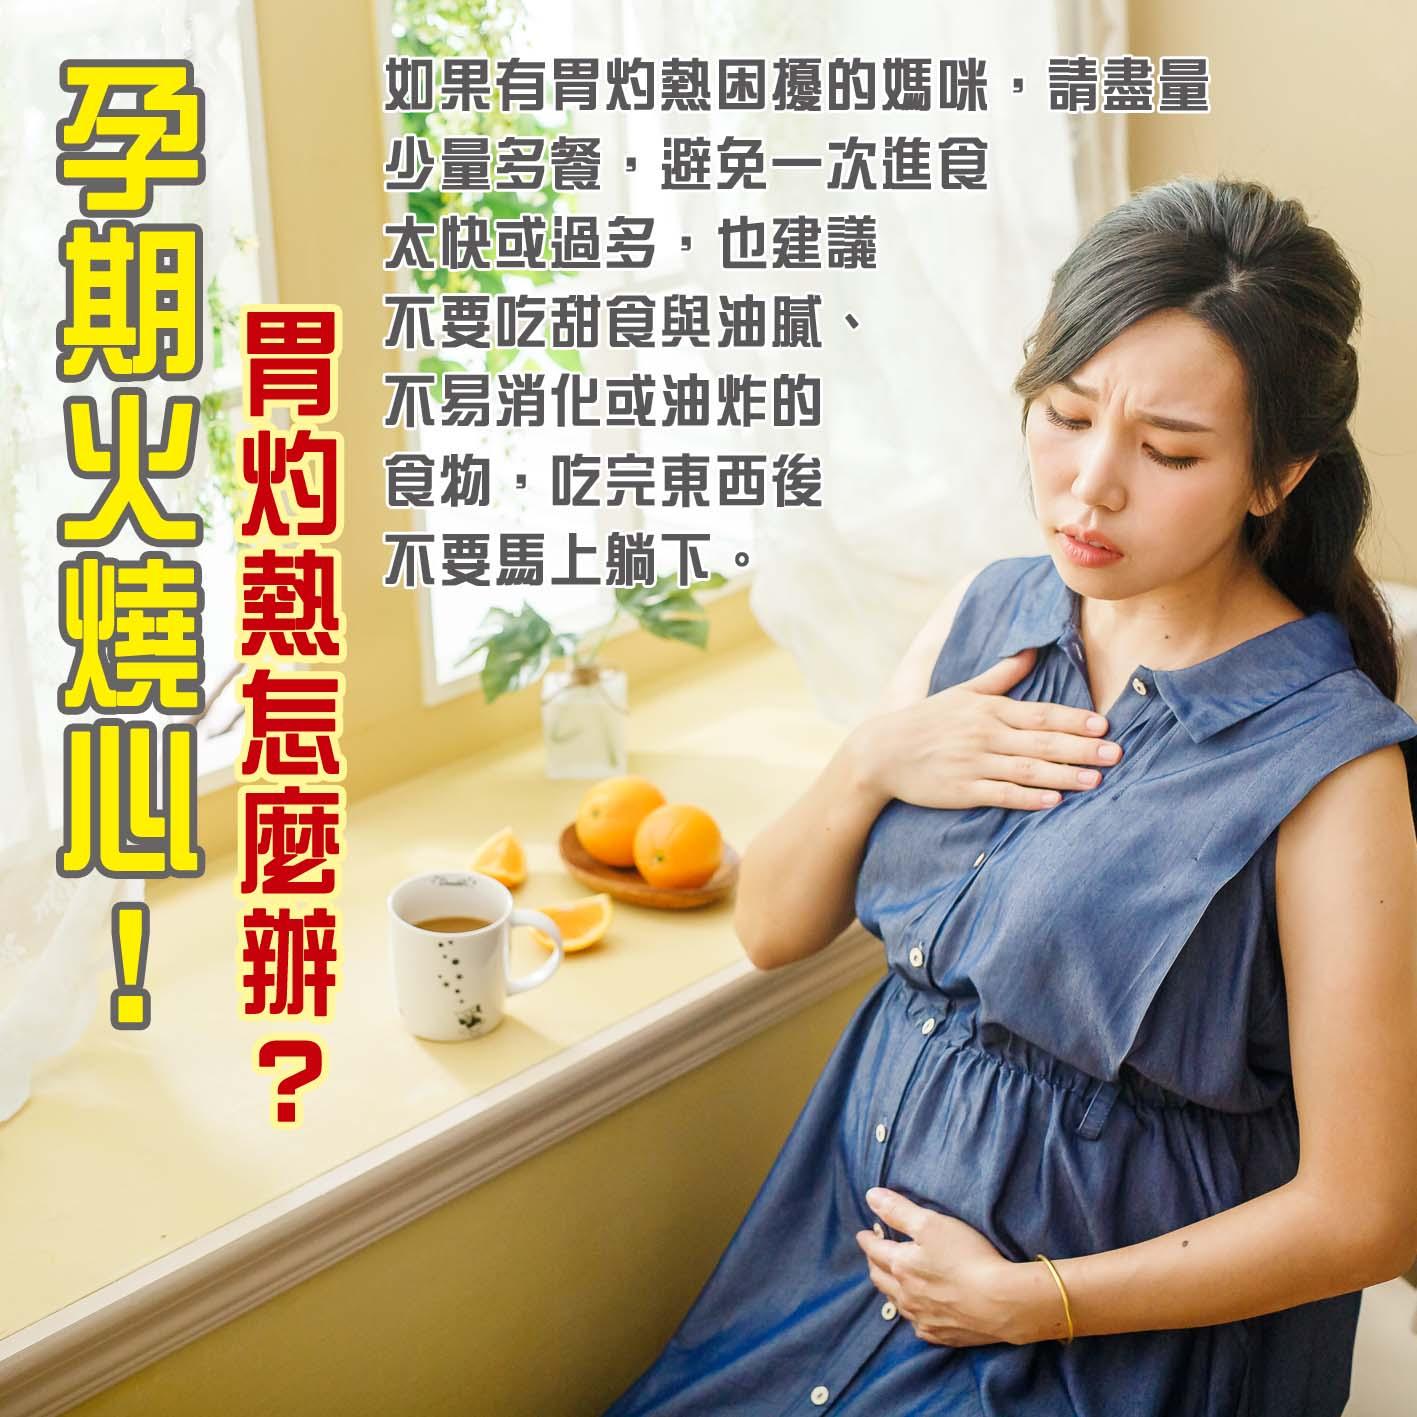 懷孕第15週-孕期火燒心!胃灼熱怎麼辦?